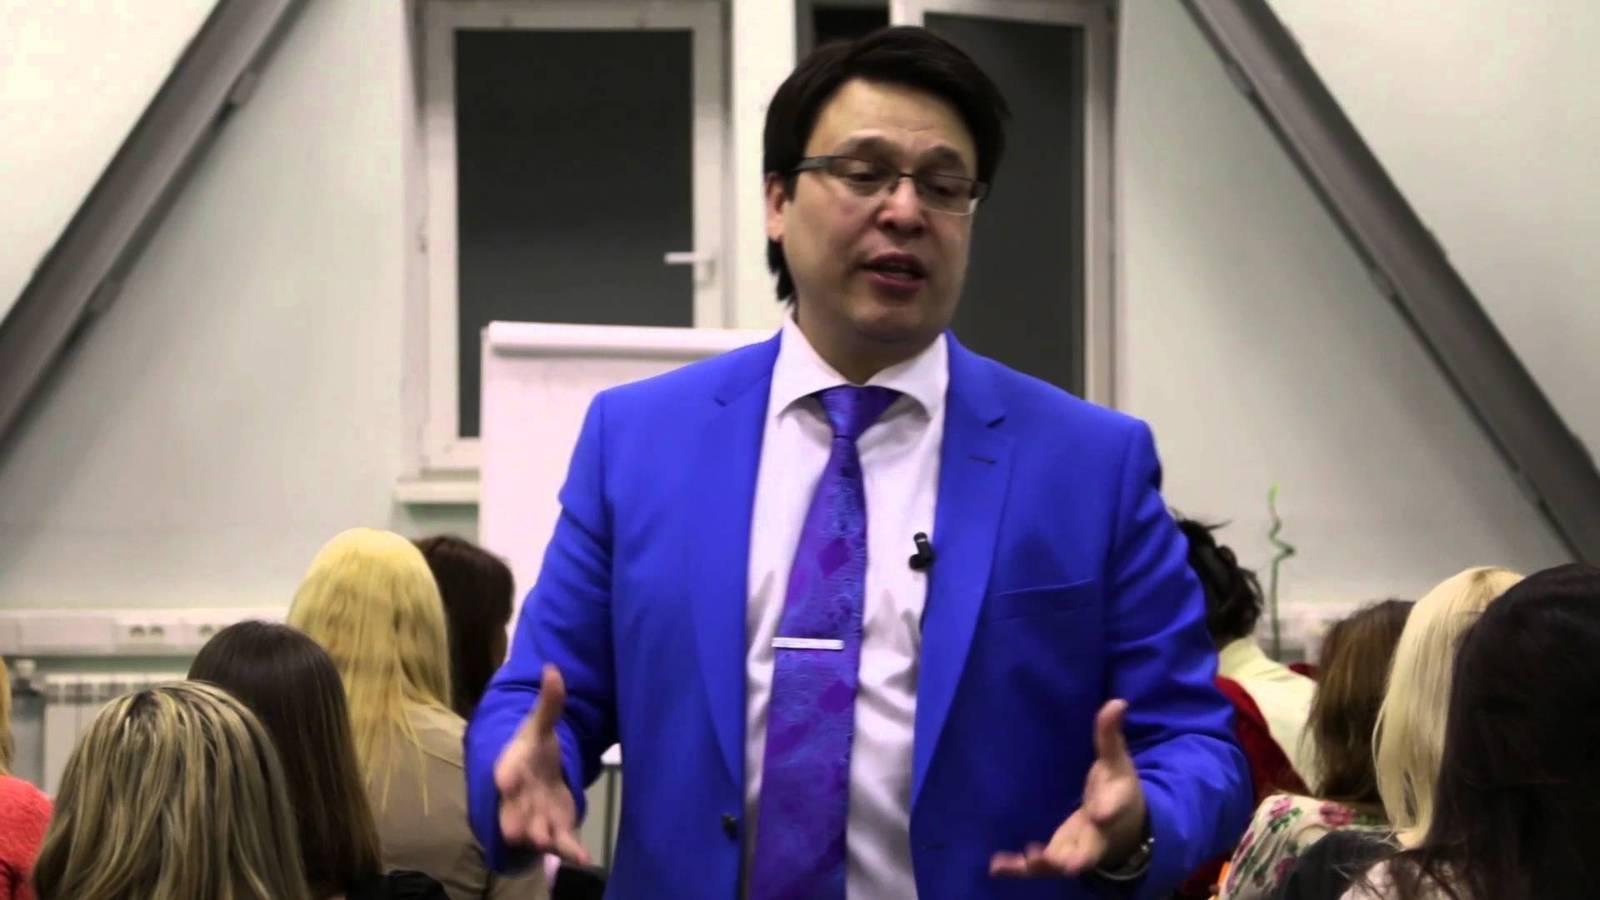 vitvoryayut-pyanie-muzhchini-kto-hochet-intim-net-podruga-ekaterinburg